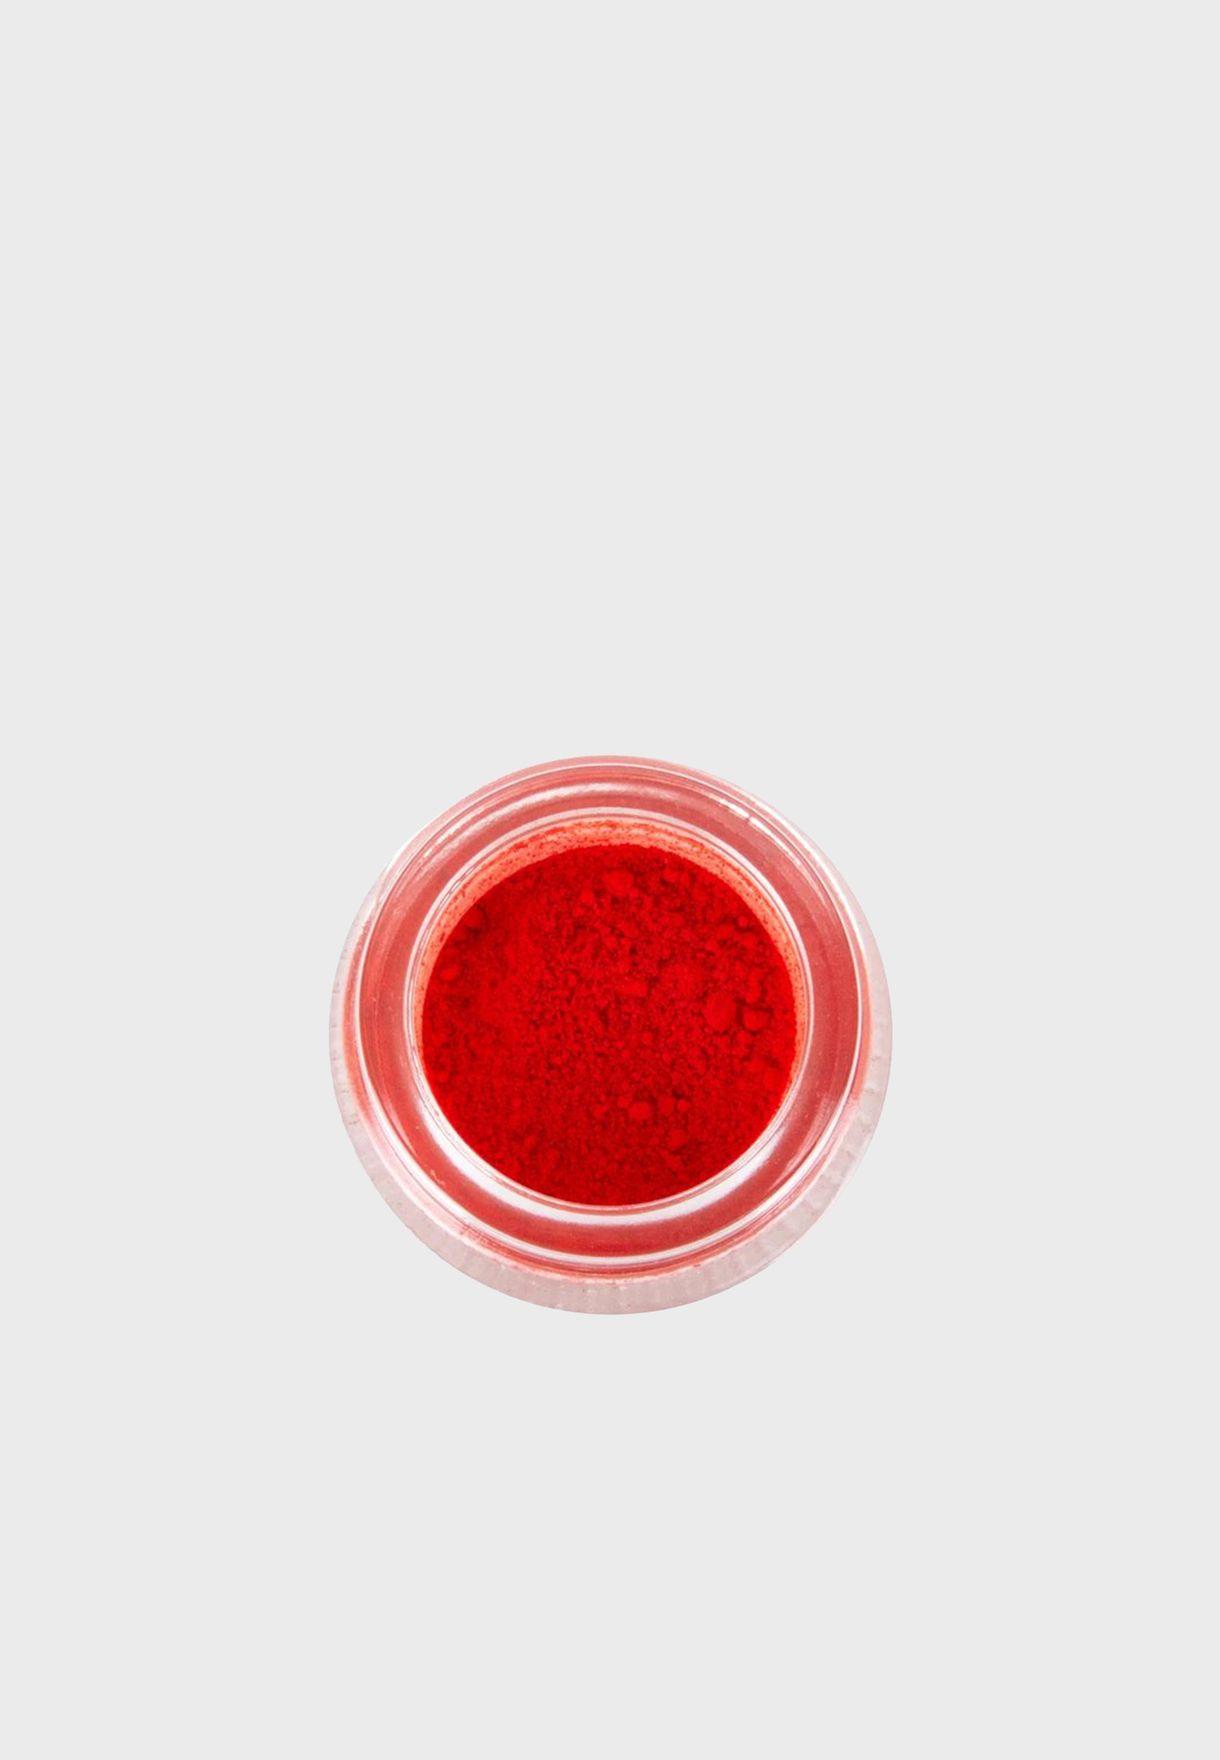 أصباغ بلون أحمر